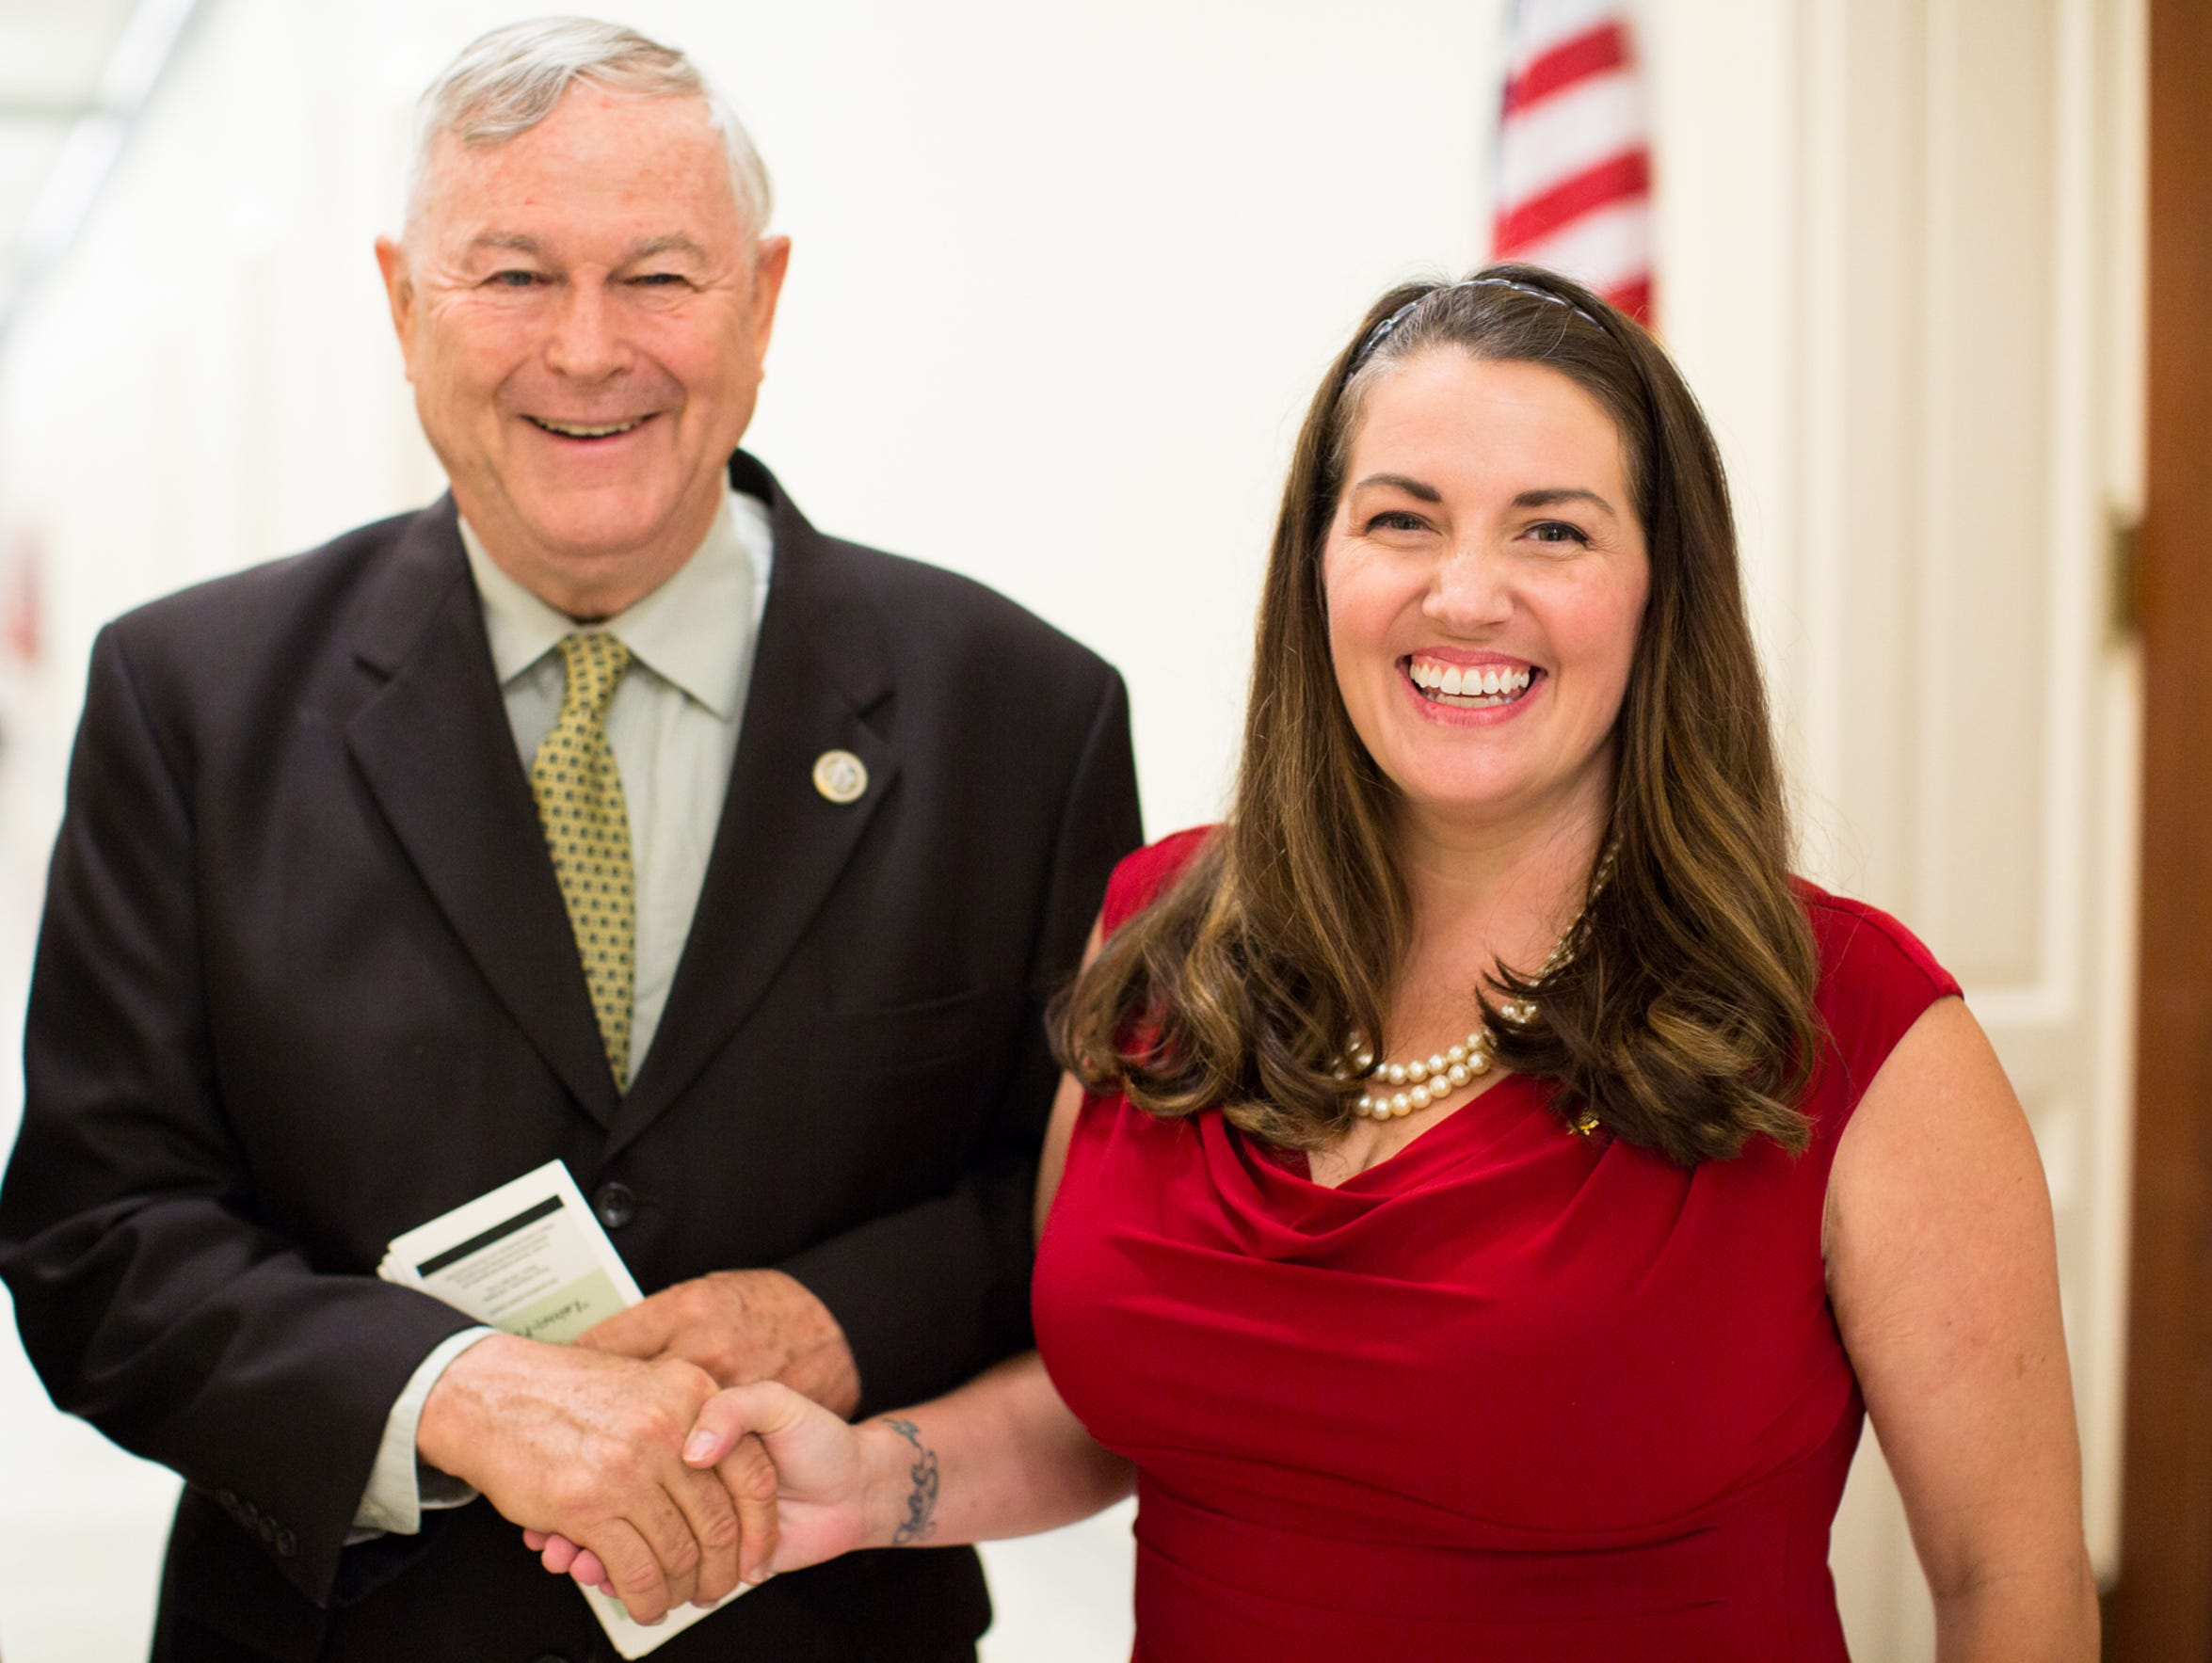 Rep. Dana Rohrabacher and Nikki Narduzzi at Virginia